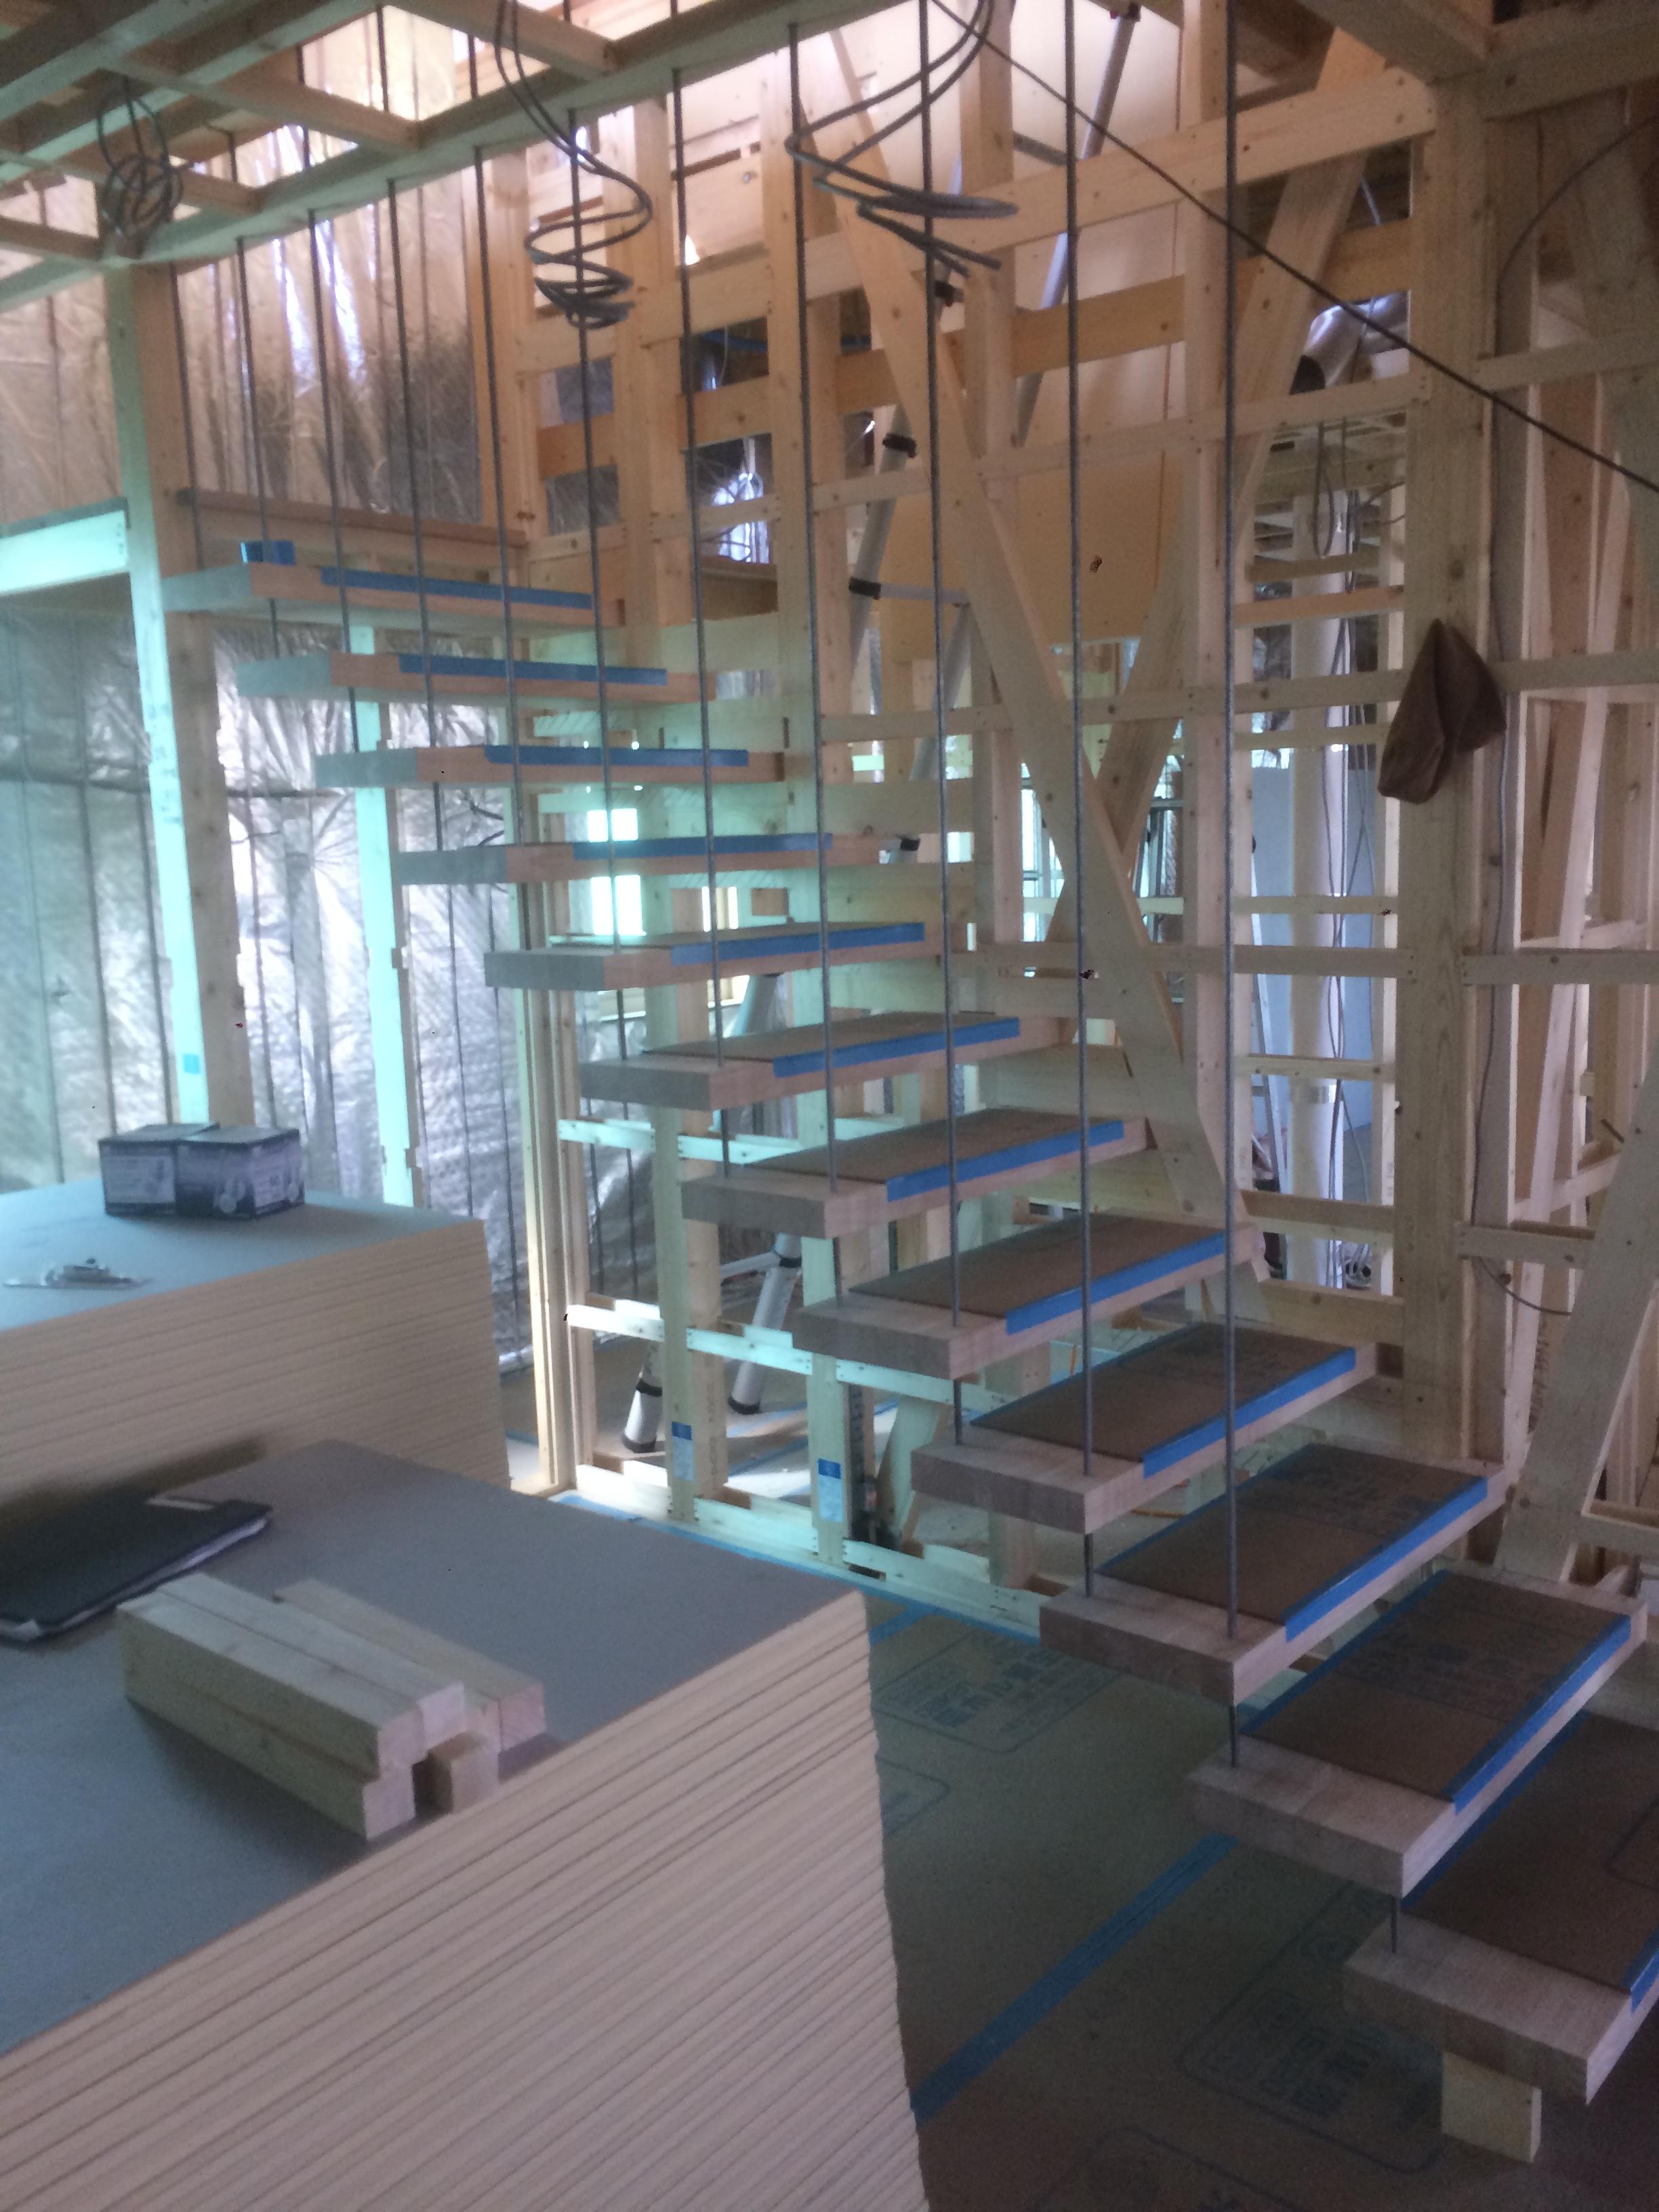 江別 事務所兼住宅新築 ⑥PB荒張 階段工事